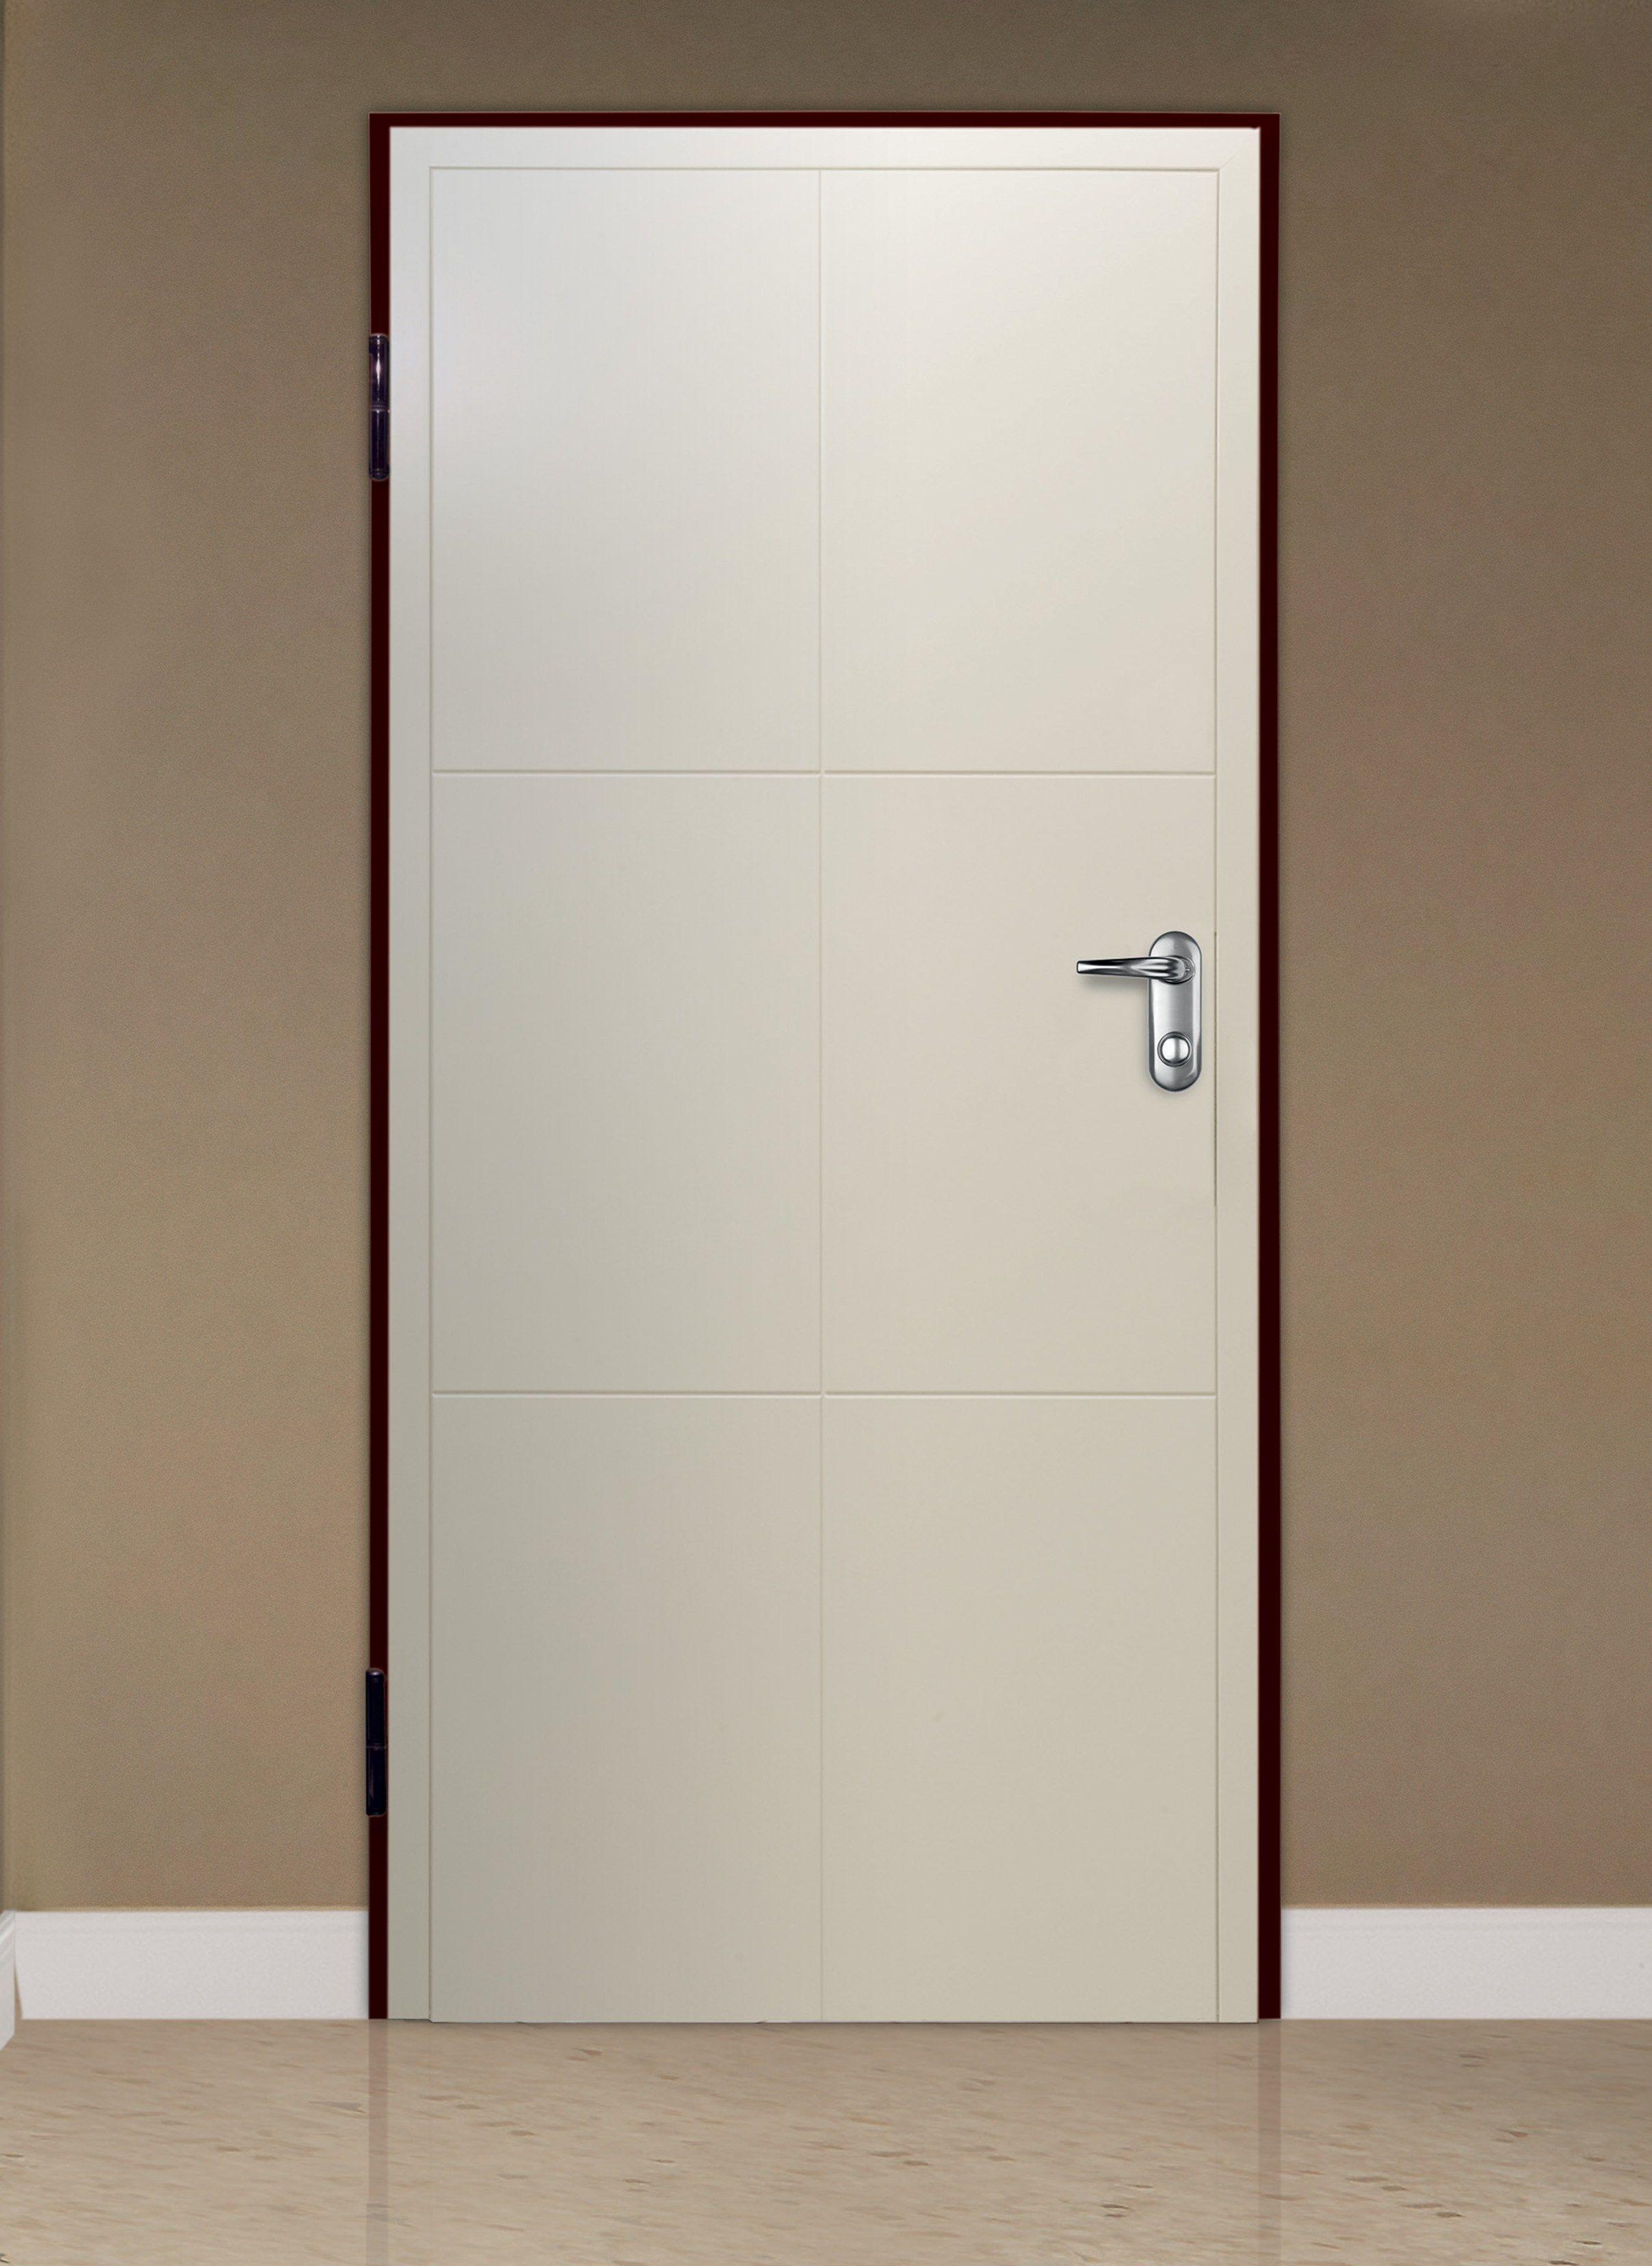 rivenditori porte blindate dierre Canducci porte corazzate è rivenditore autorizzato di serramenti a marchio dierre scopri la qualità delle porte made in italy.